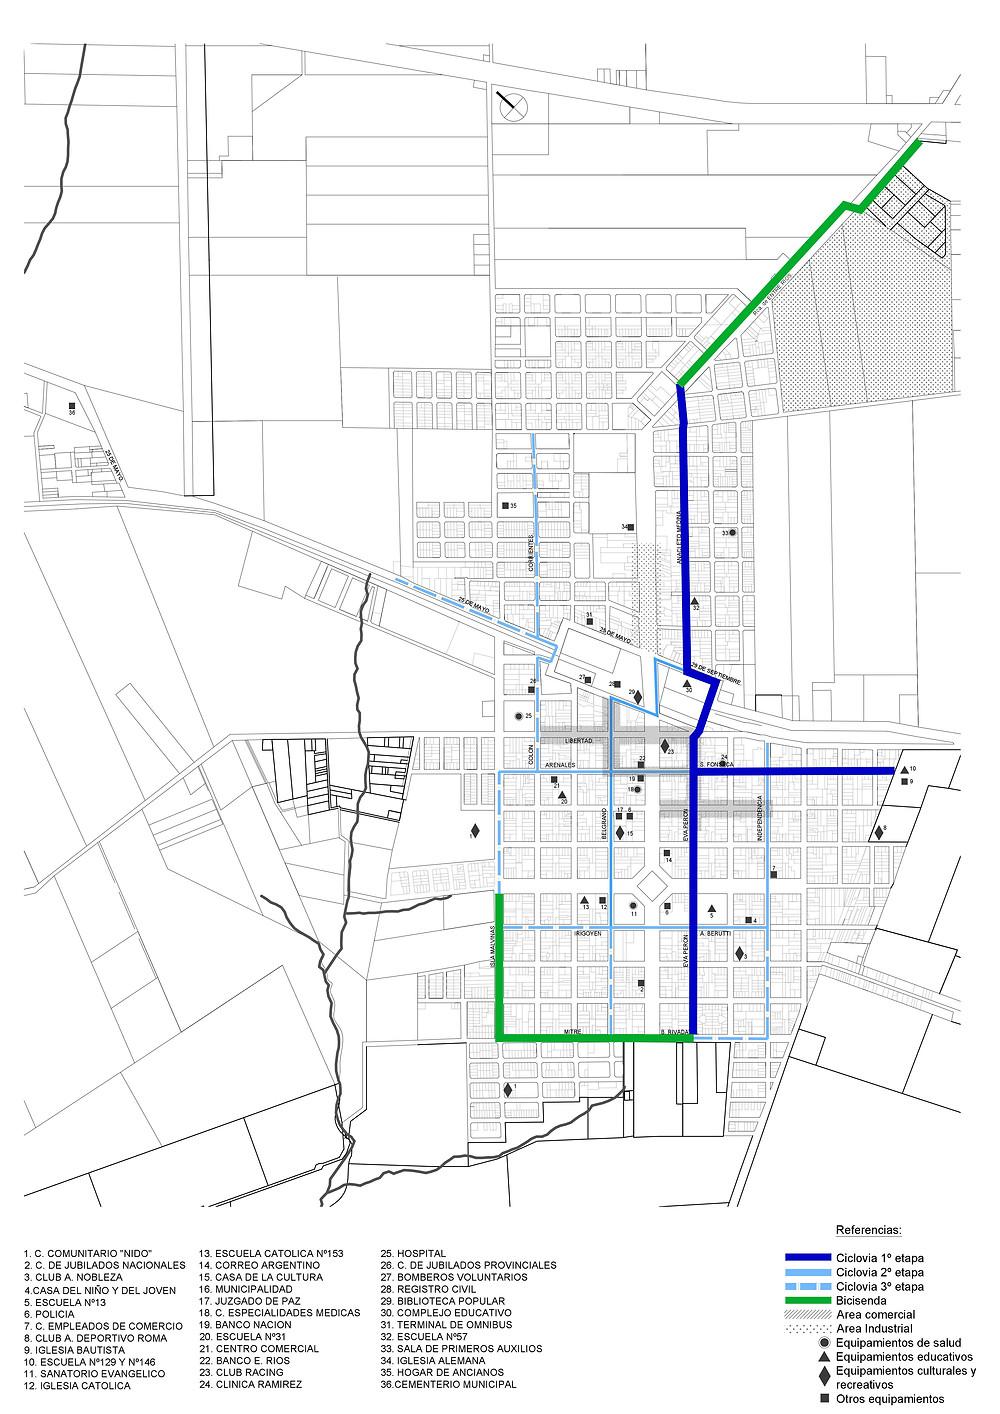 Los diferentes colores indican las diferentes etapas o conceptos. En verde las bicisendas, en azul el primer tramo de ciclovías que se realizará y en celestes los siguentes tramos de ciclovías a realizar.